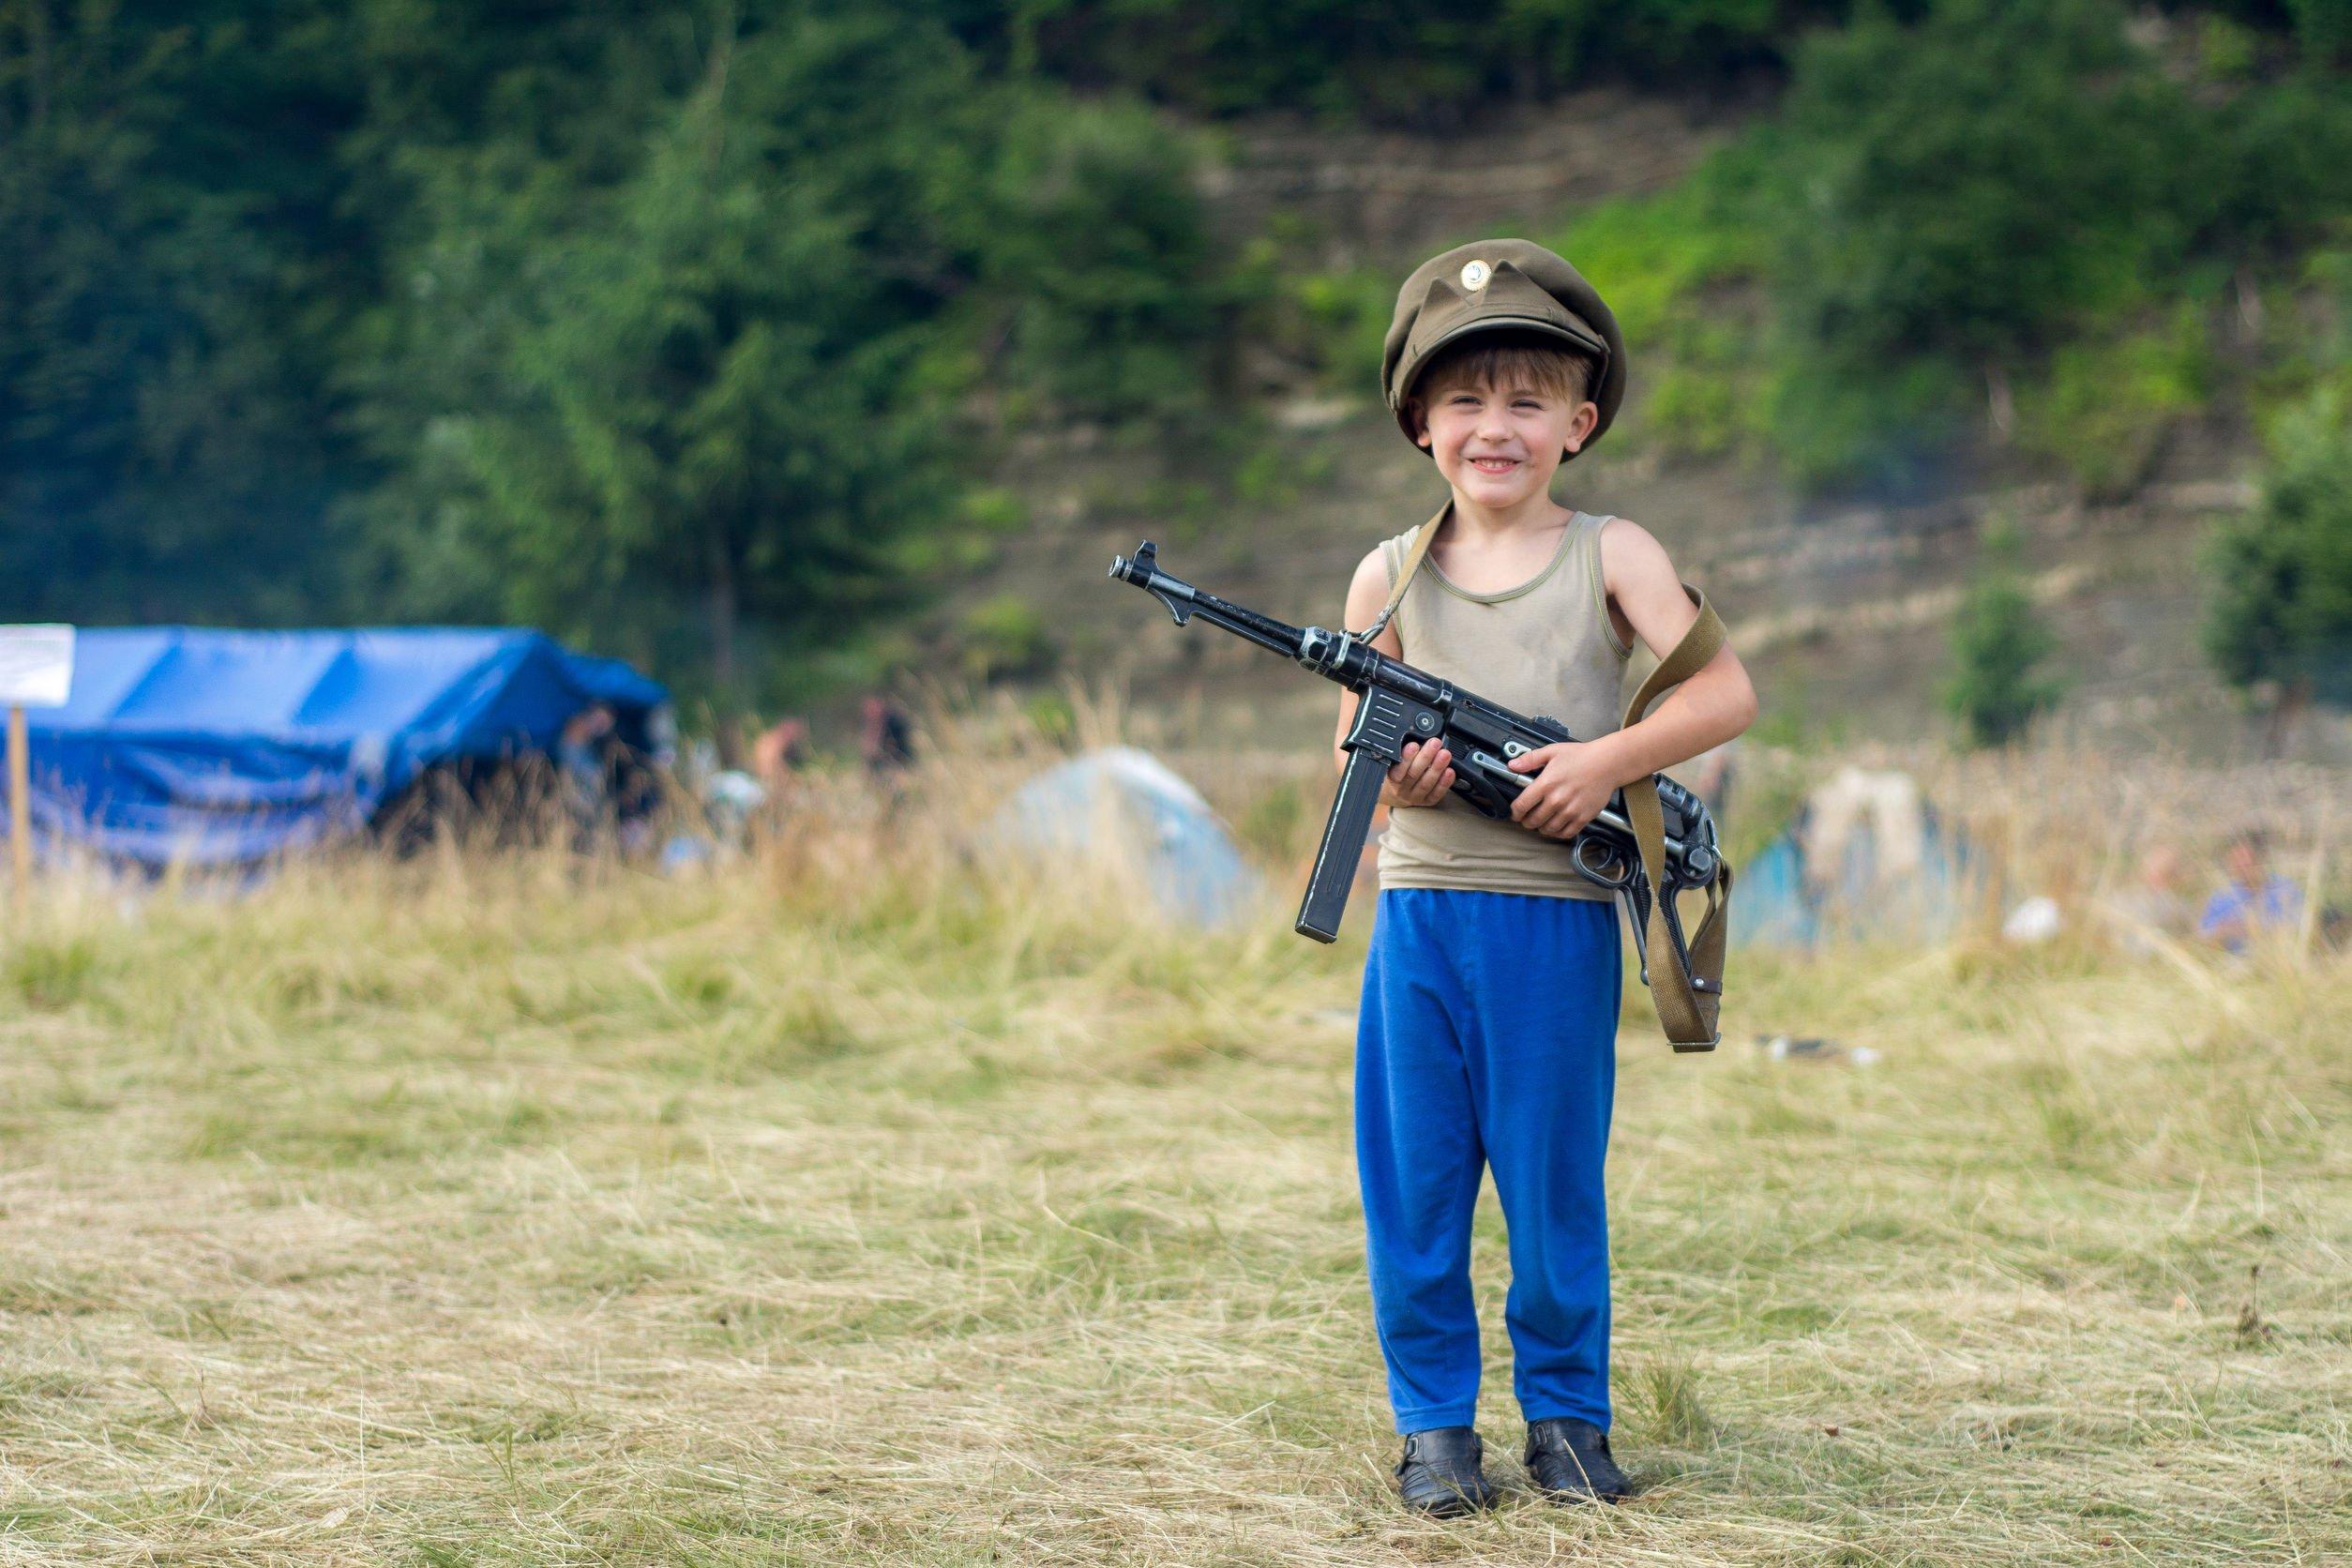 Criança segurando uma arma e sorrindo